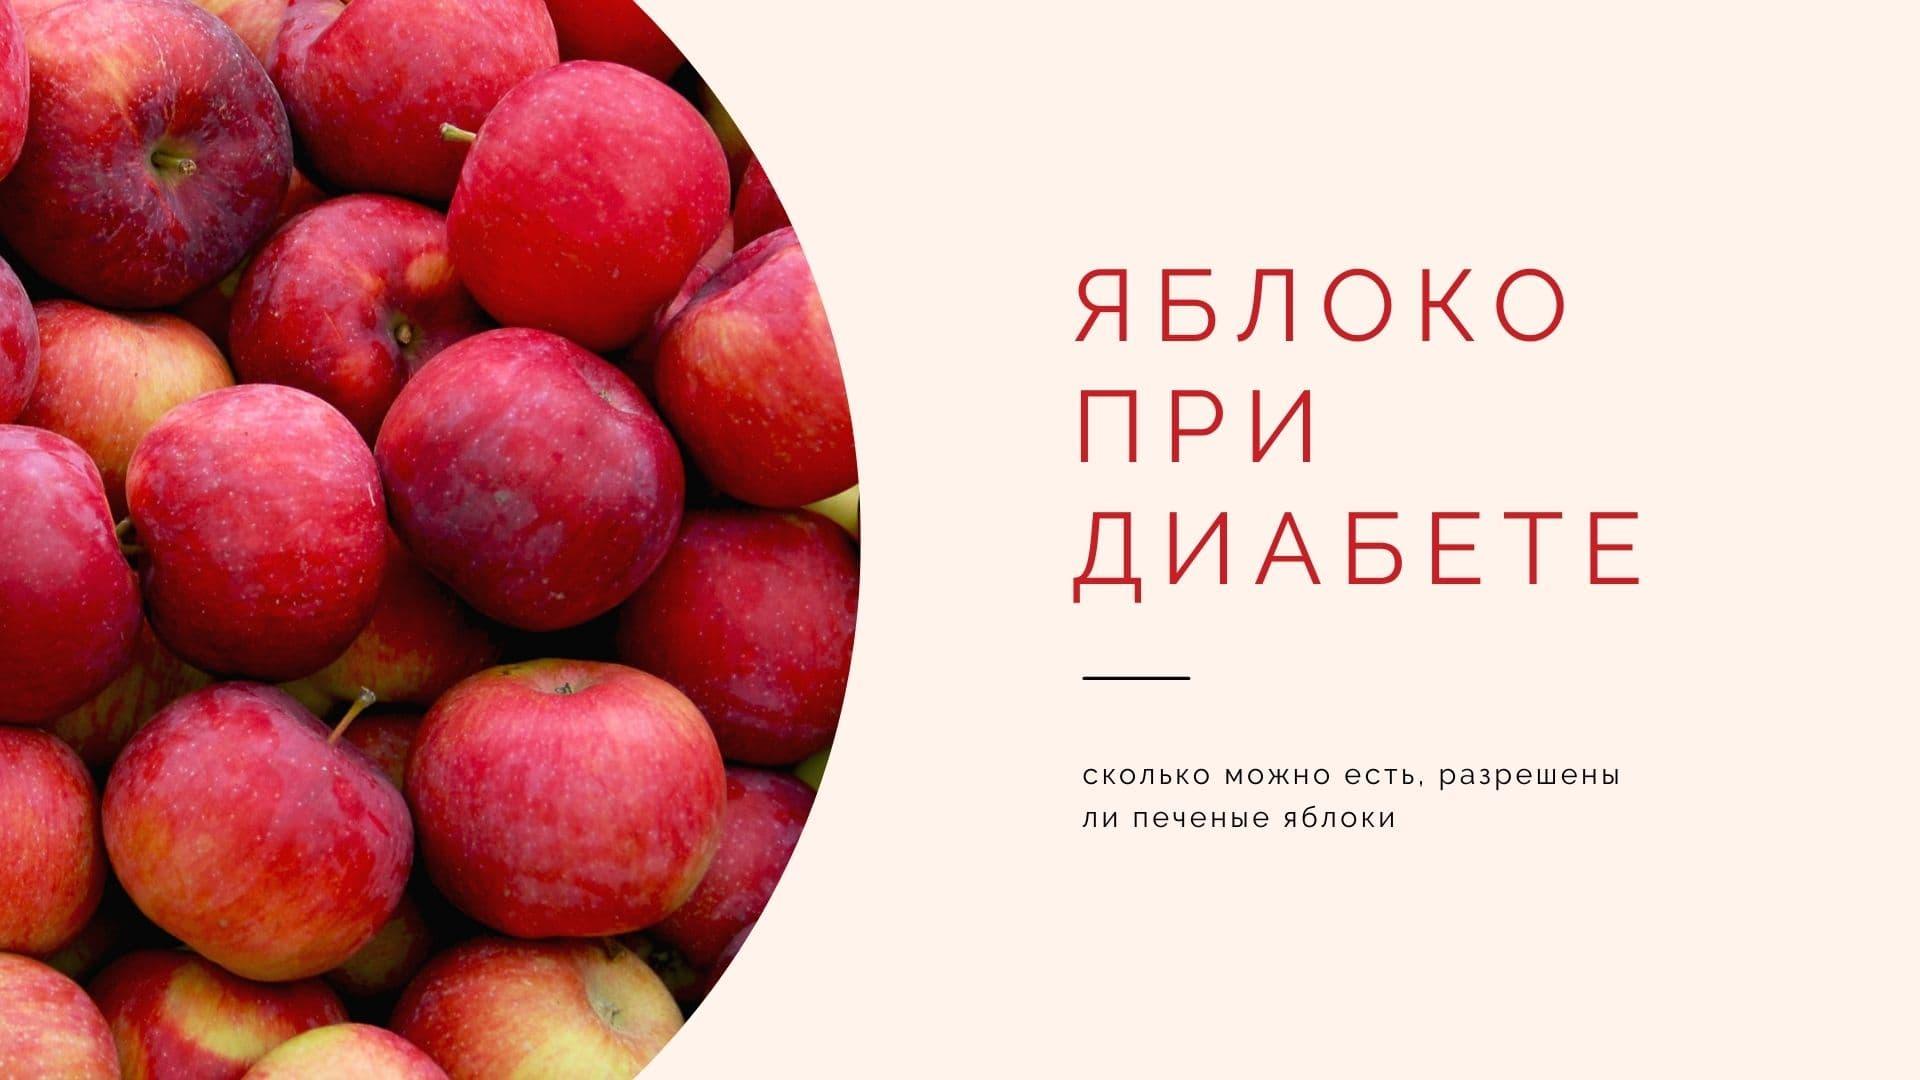 Яблоко при диабете: сколько можно есть, разрешены ли печеные яблоки